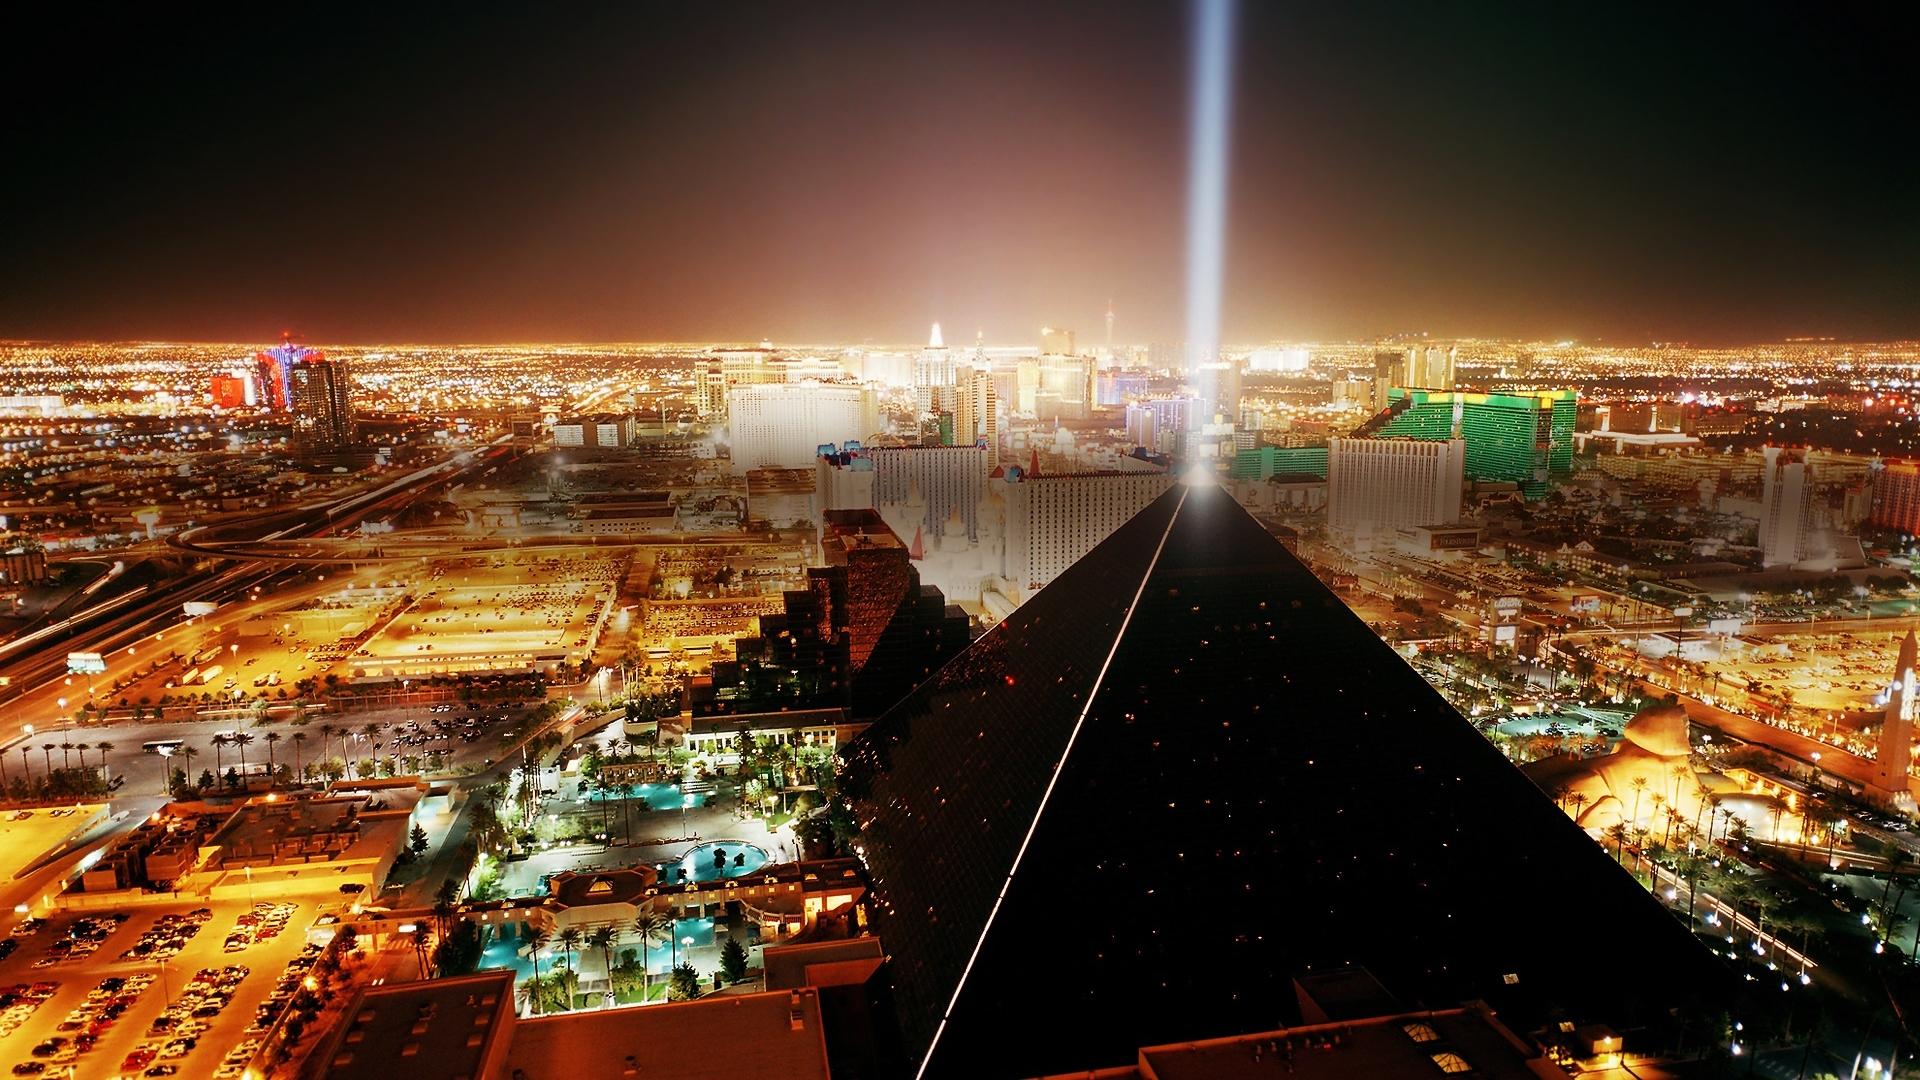 fond d'écran hd las vegas pyramide rétro-éclairage vue aérienne